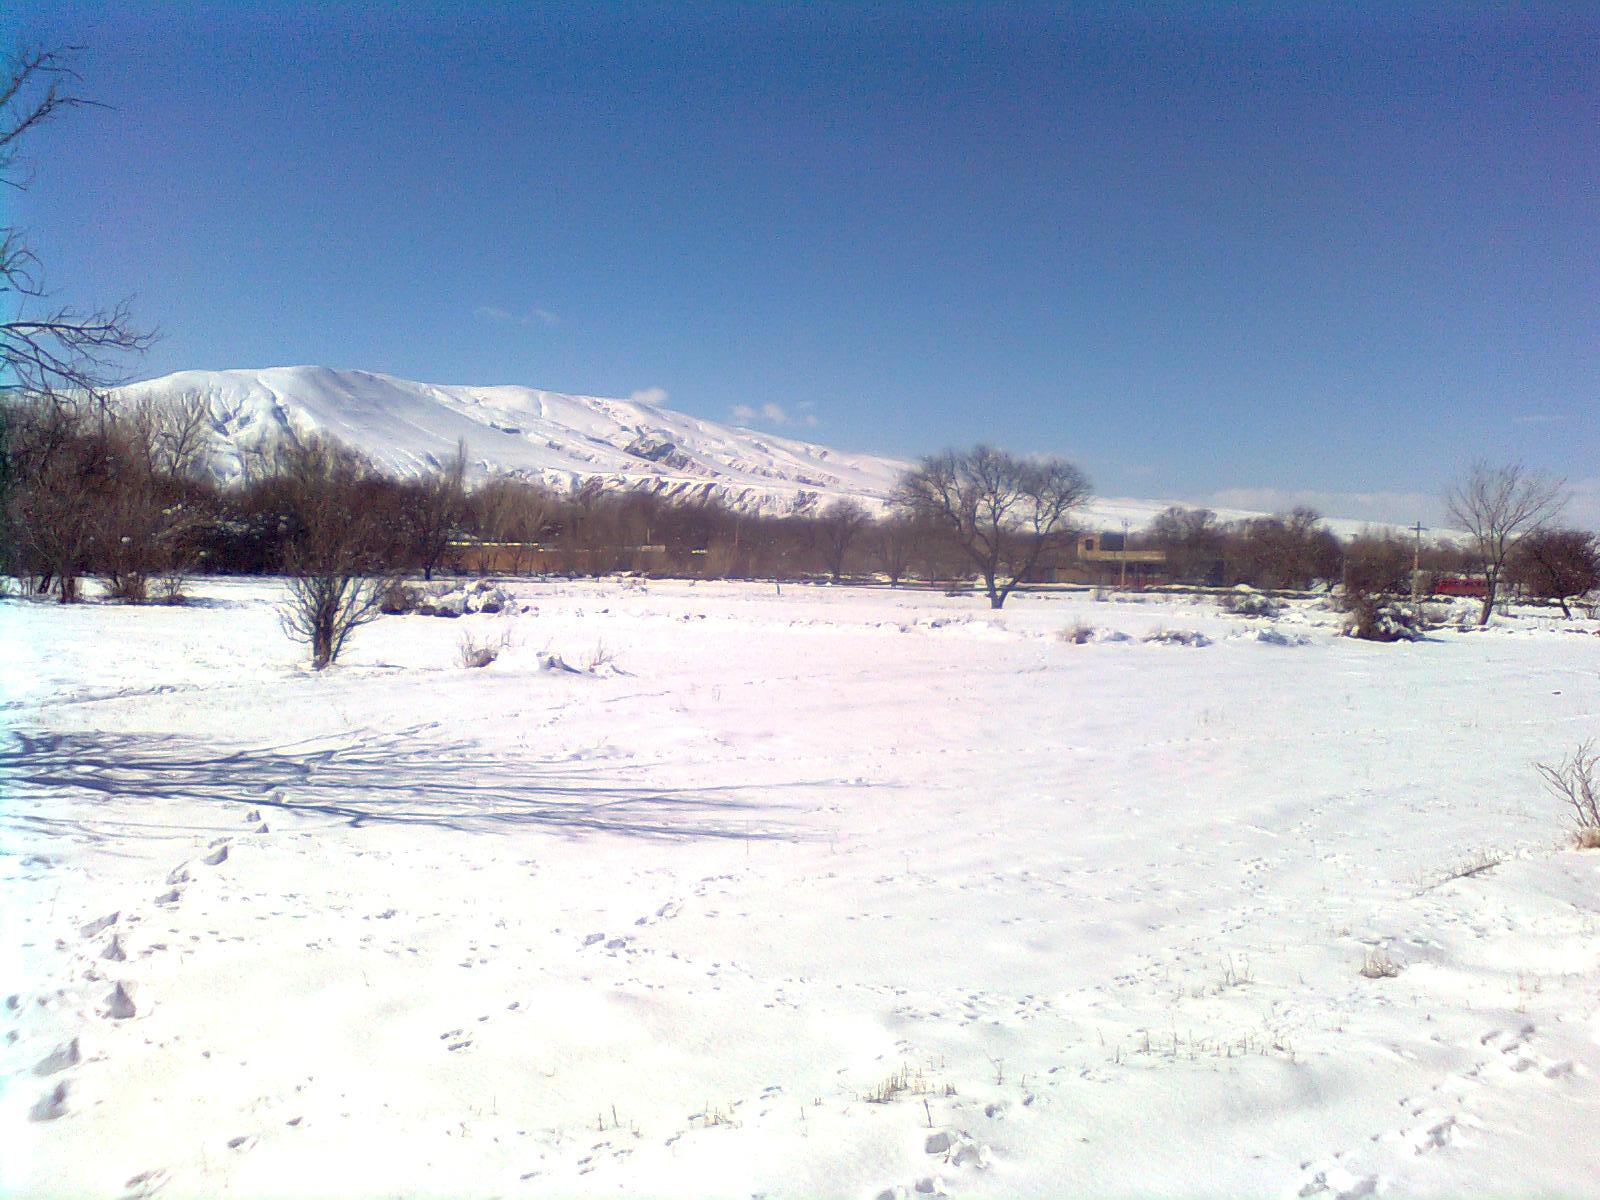 آلبوم زمستانی دانباران